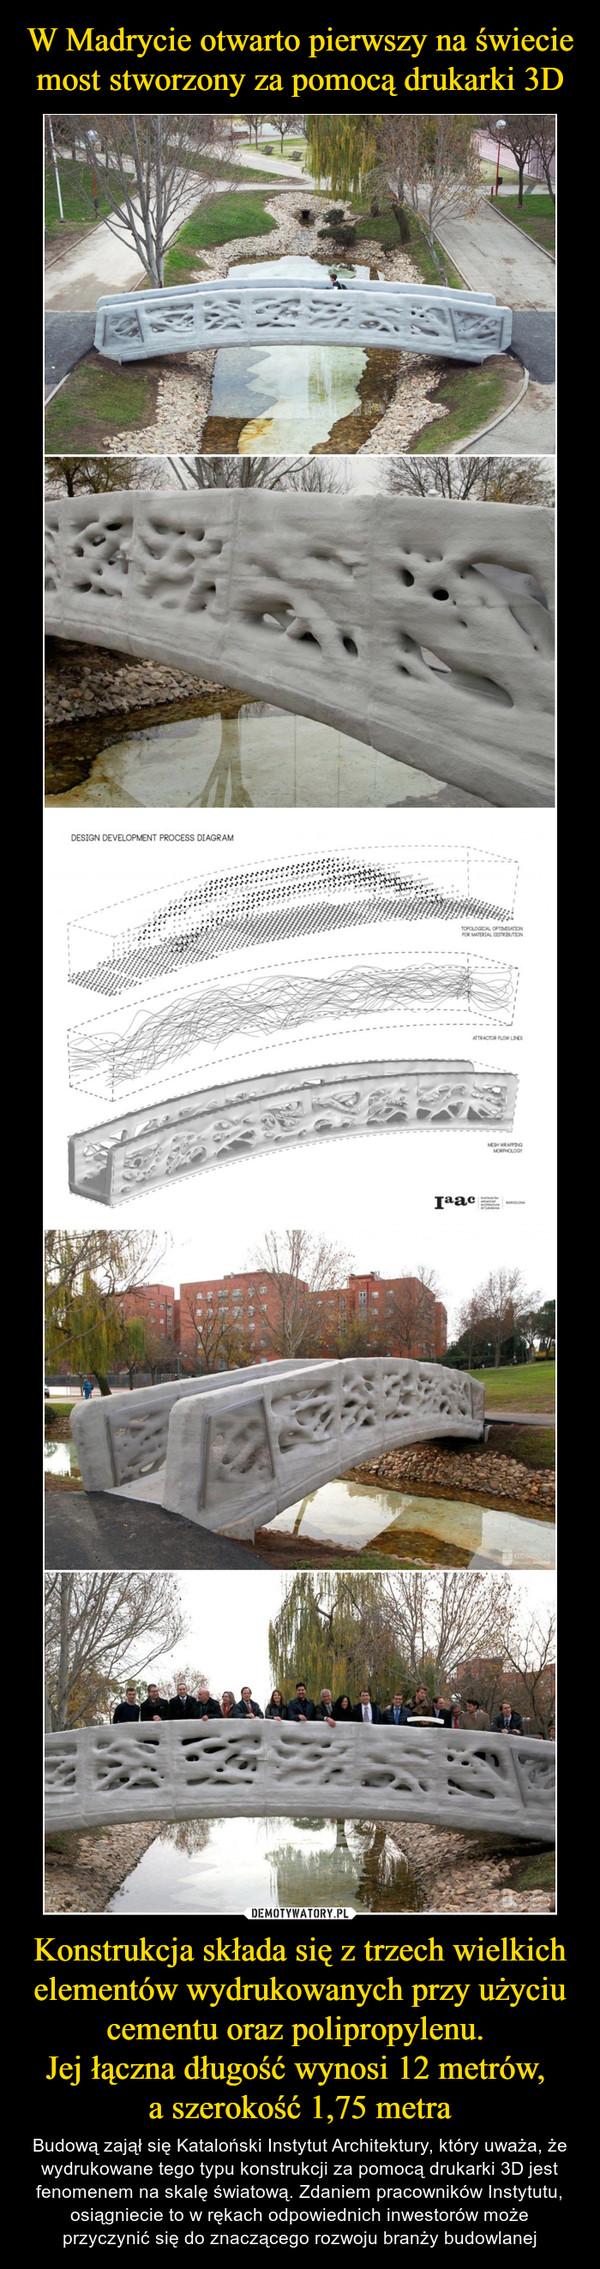 Konstrukcja składa się z trzech wielkich elementów wydrukowanych przy użyciu cementu oraz polipropylenu. Jej łączna długość wynosi 12 metrów, a szerokość 1,75 metra – Budową zajął się Kataloński Instytut Architektury, który uważa, że wydrukowane tego typu konstrukcji za pomocą drukarki 3D jest fenomenem na skalę światową. Zdaniem pracowników Instytutu, osiągniecie to w rękach odpowiednich inwestorów może przyczynić się do znaczącego rozwoju branży budowlanej